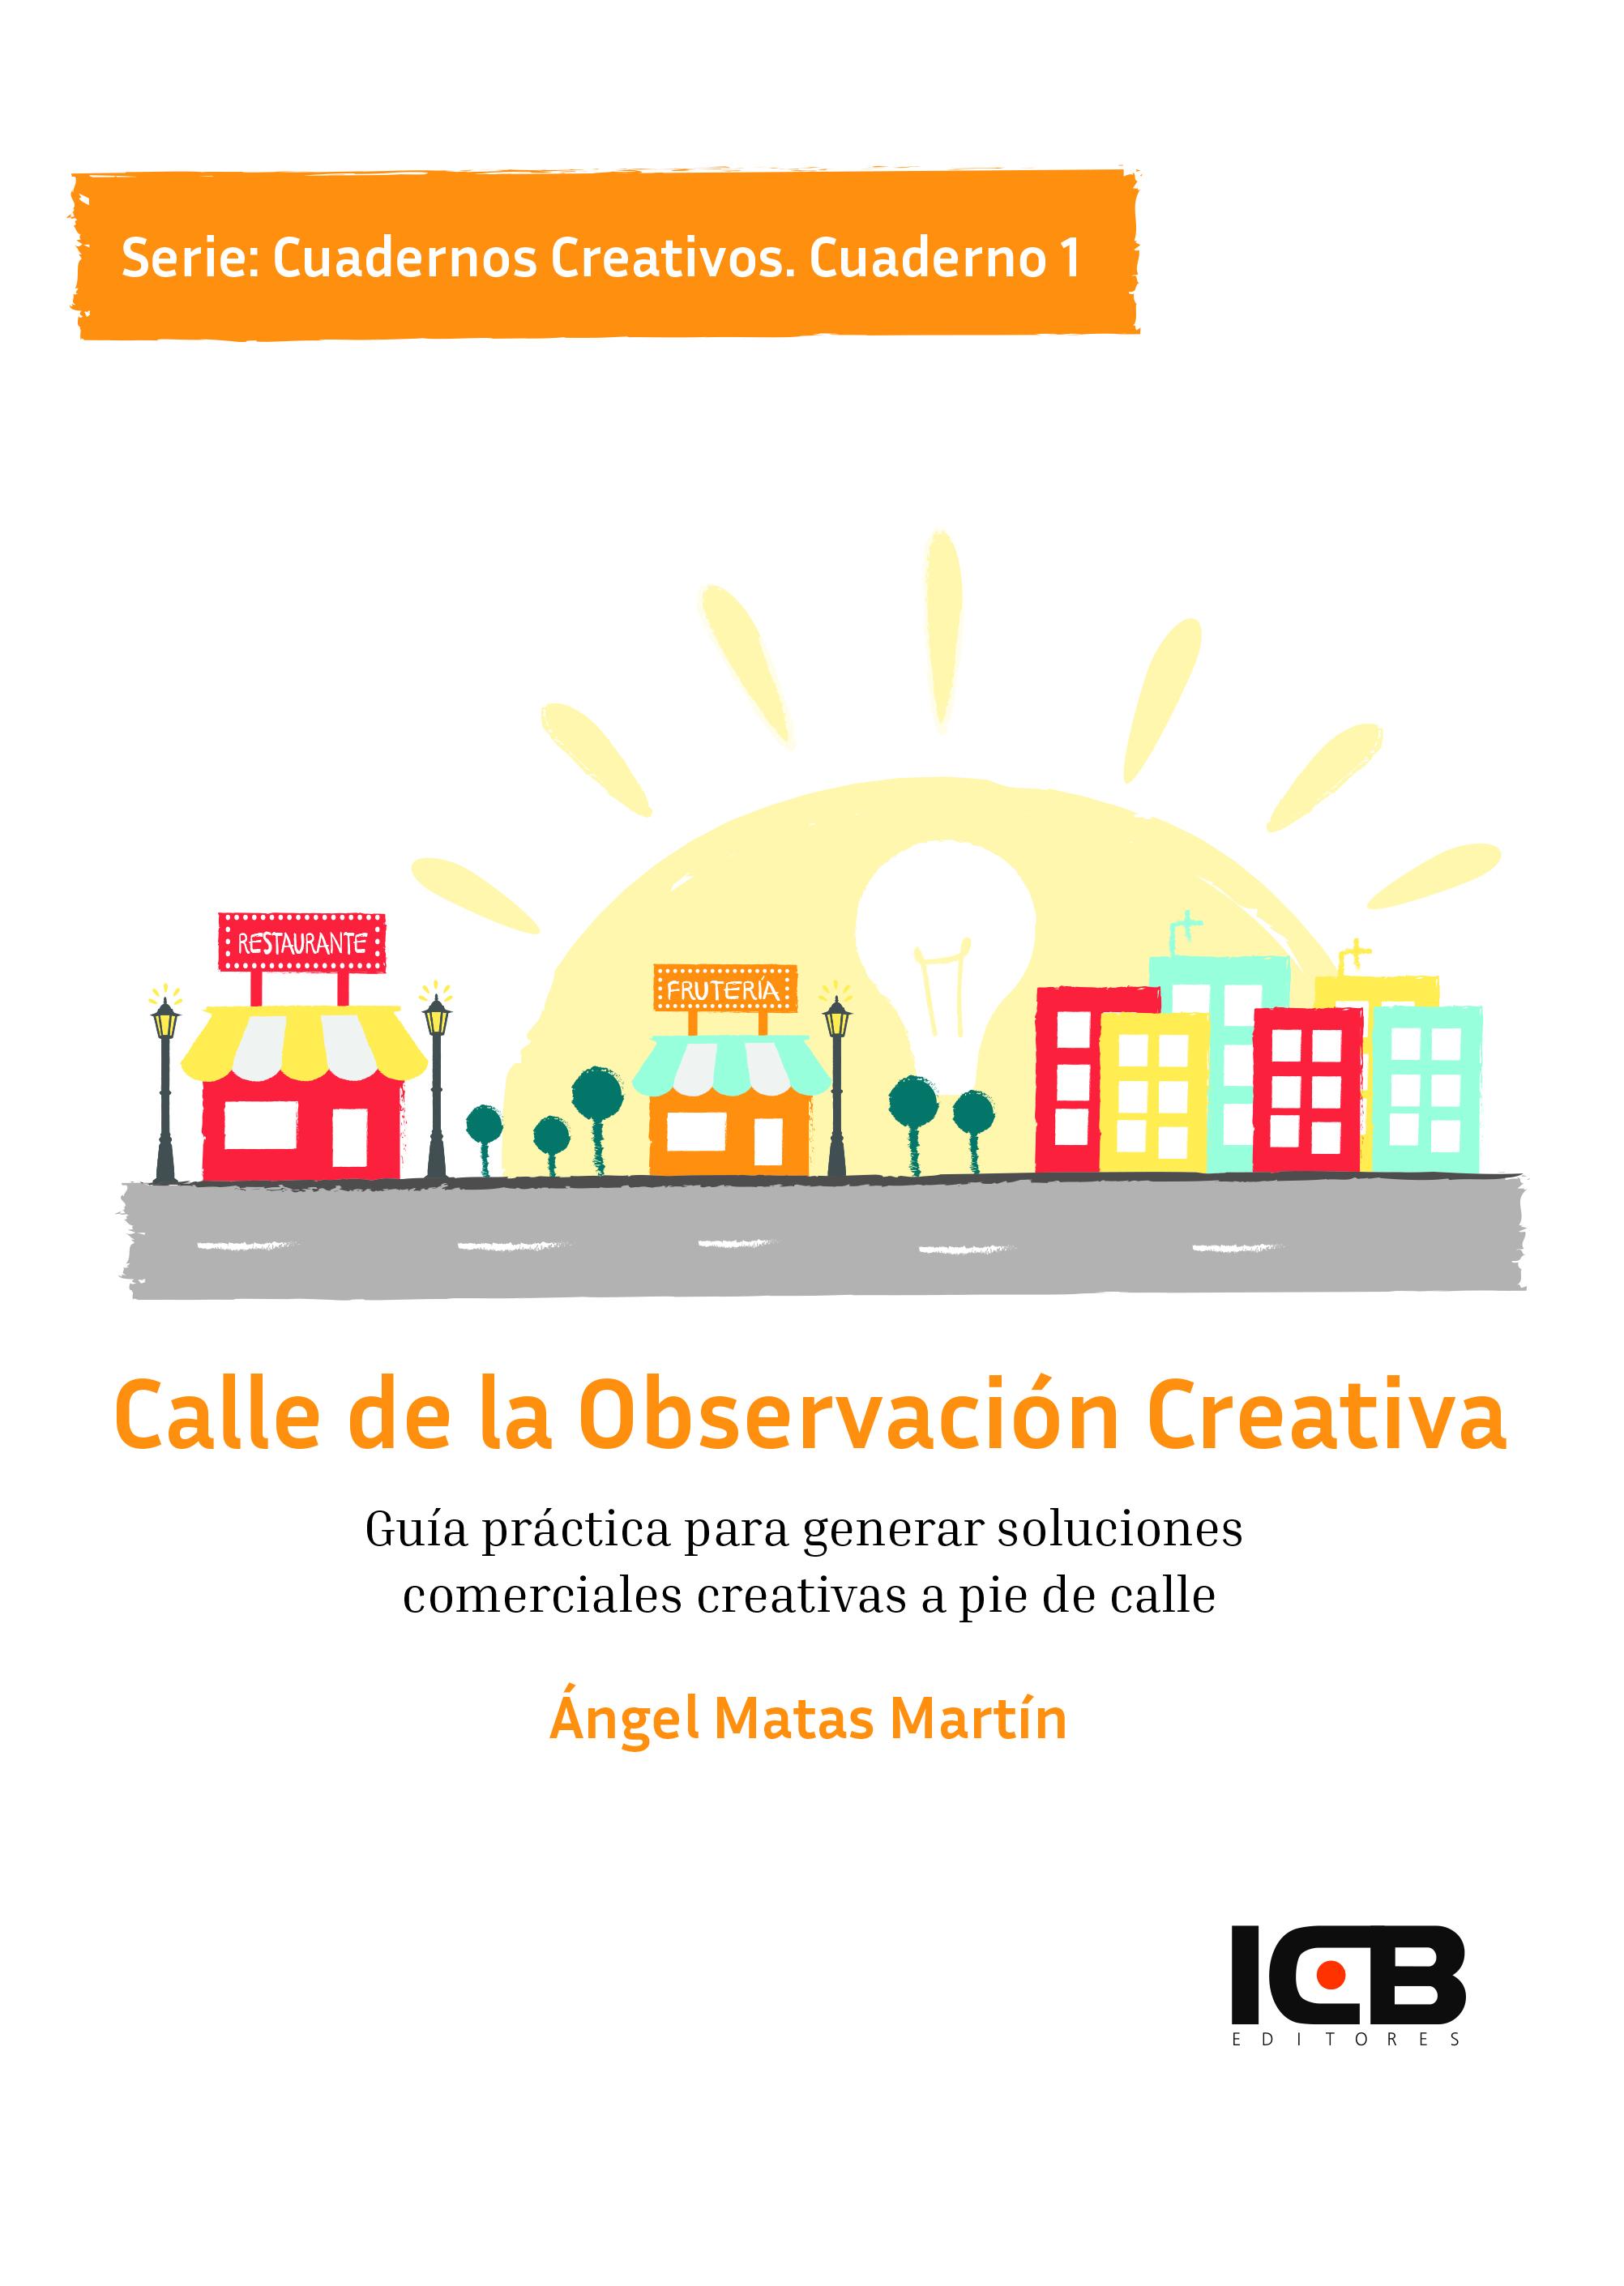 La Calle de la Observación Creativa